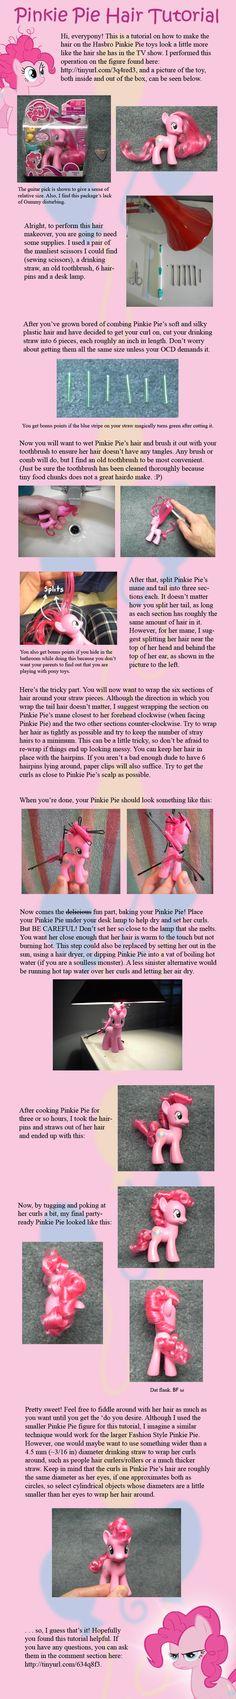 Pinkie Pie Hair Tutorial by countschlick.deviantart.com